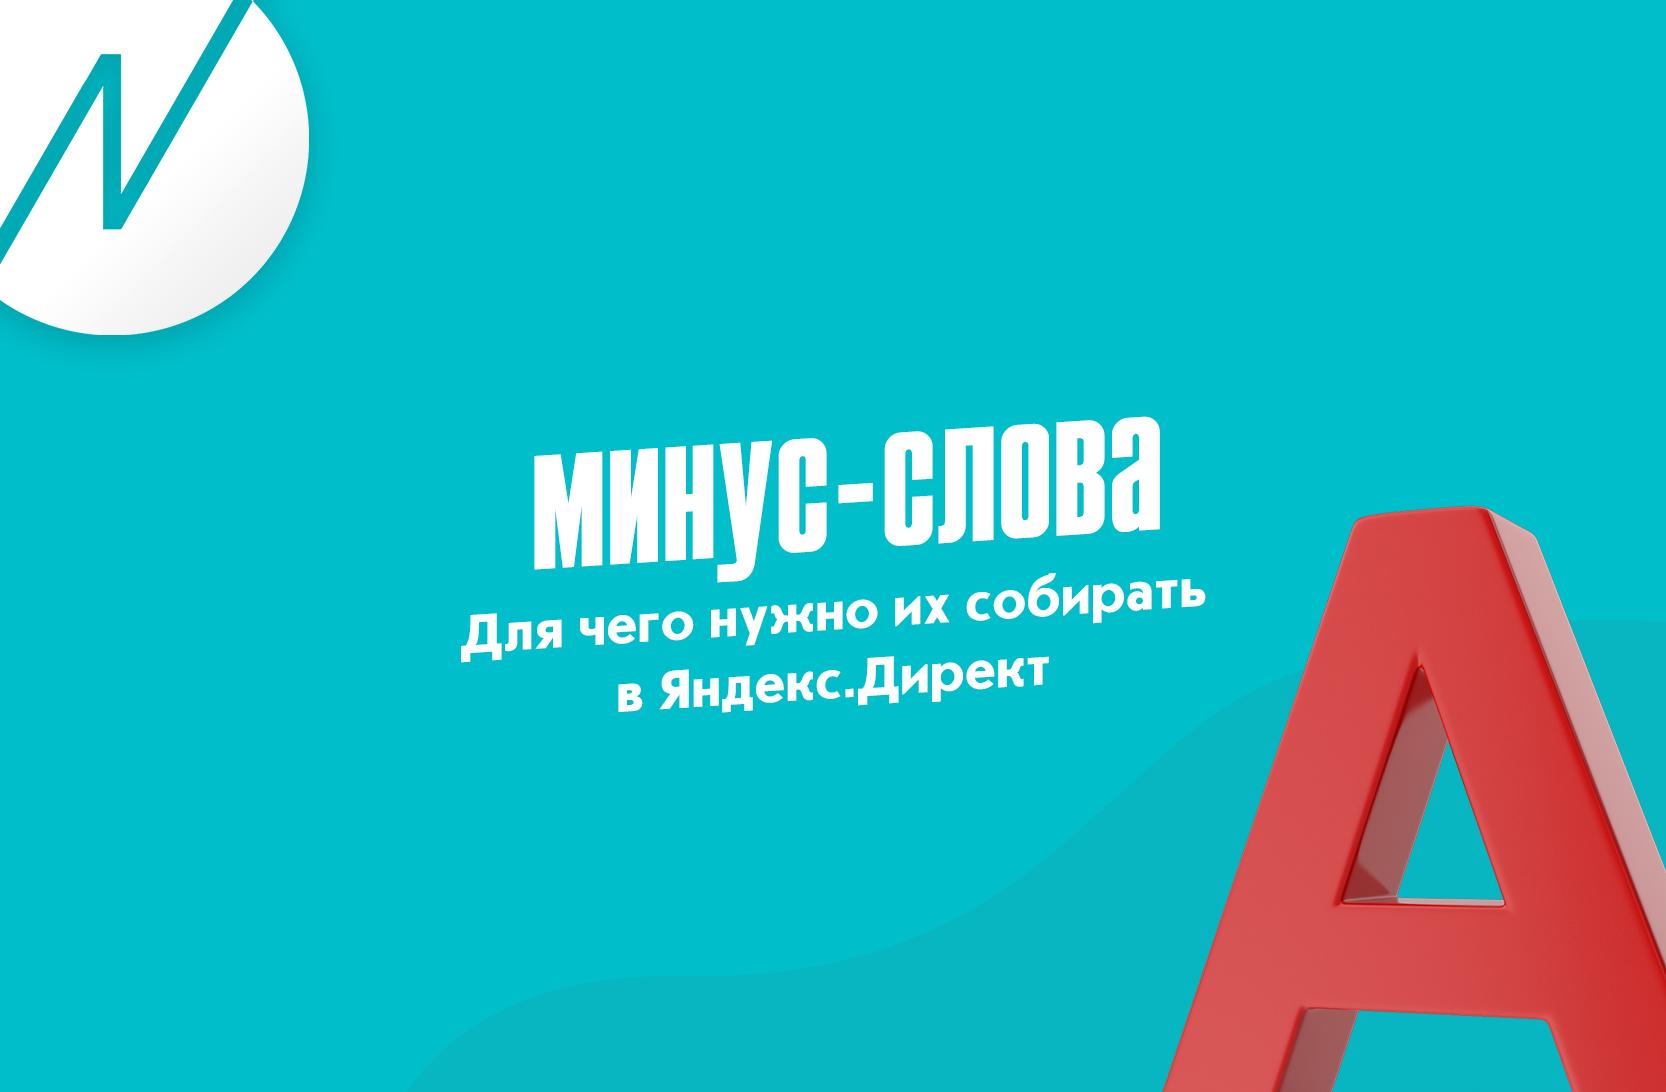 Для чего нужно собирать минус-слова в Яндекс.Директ?